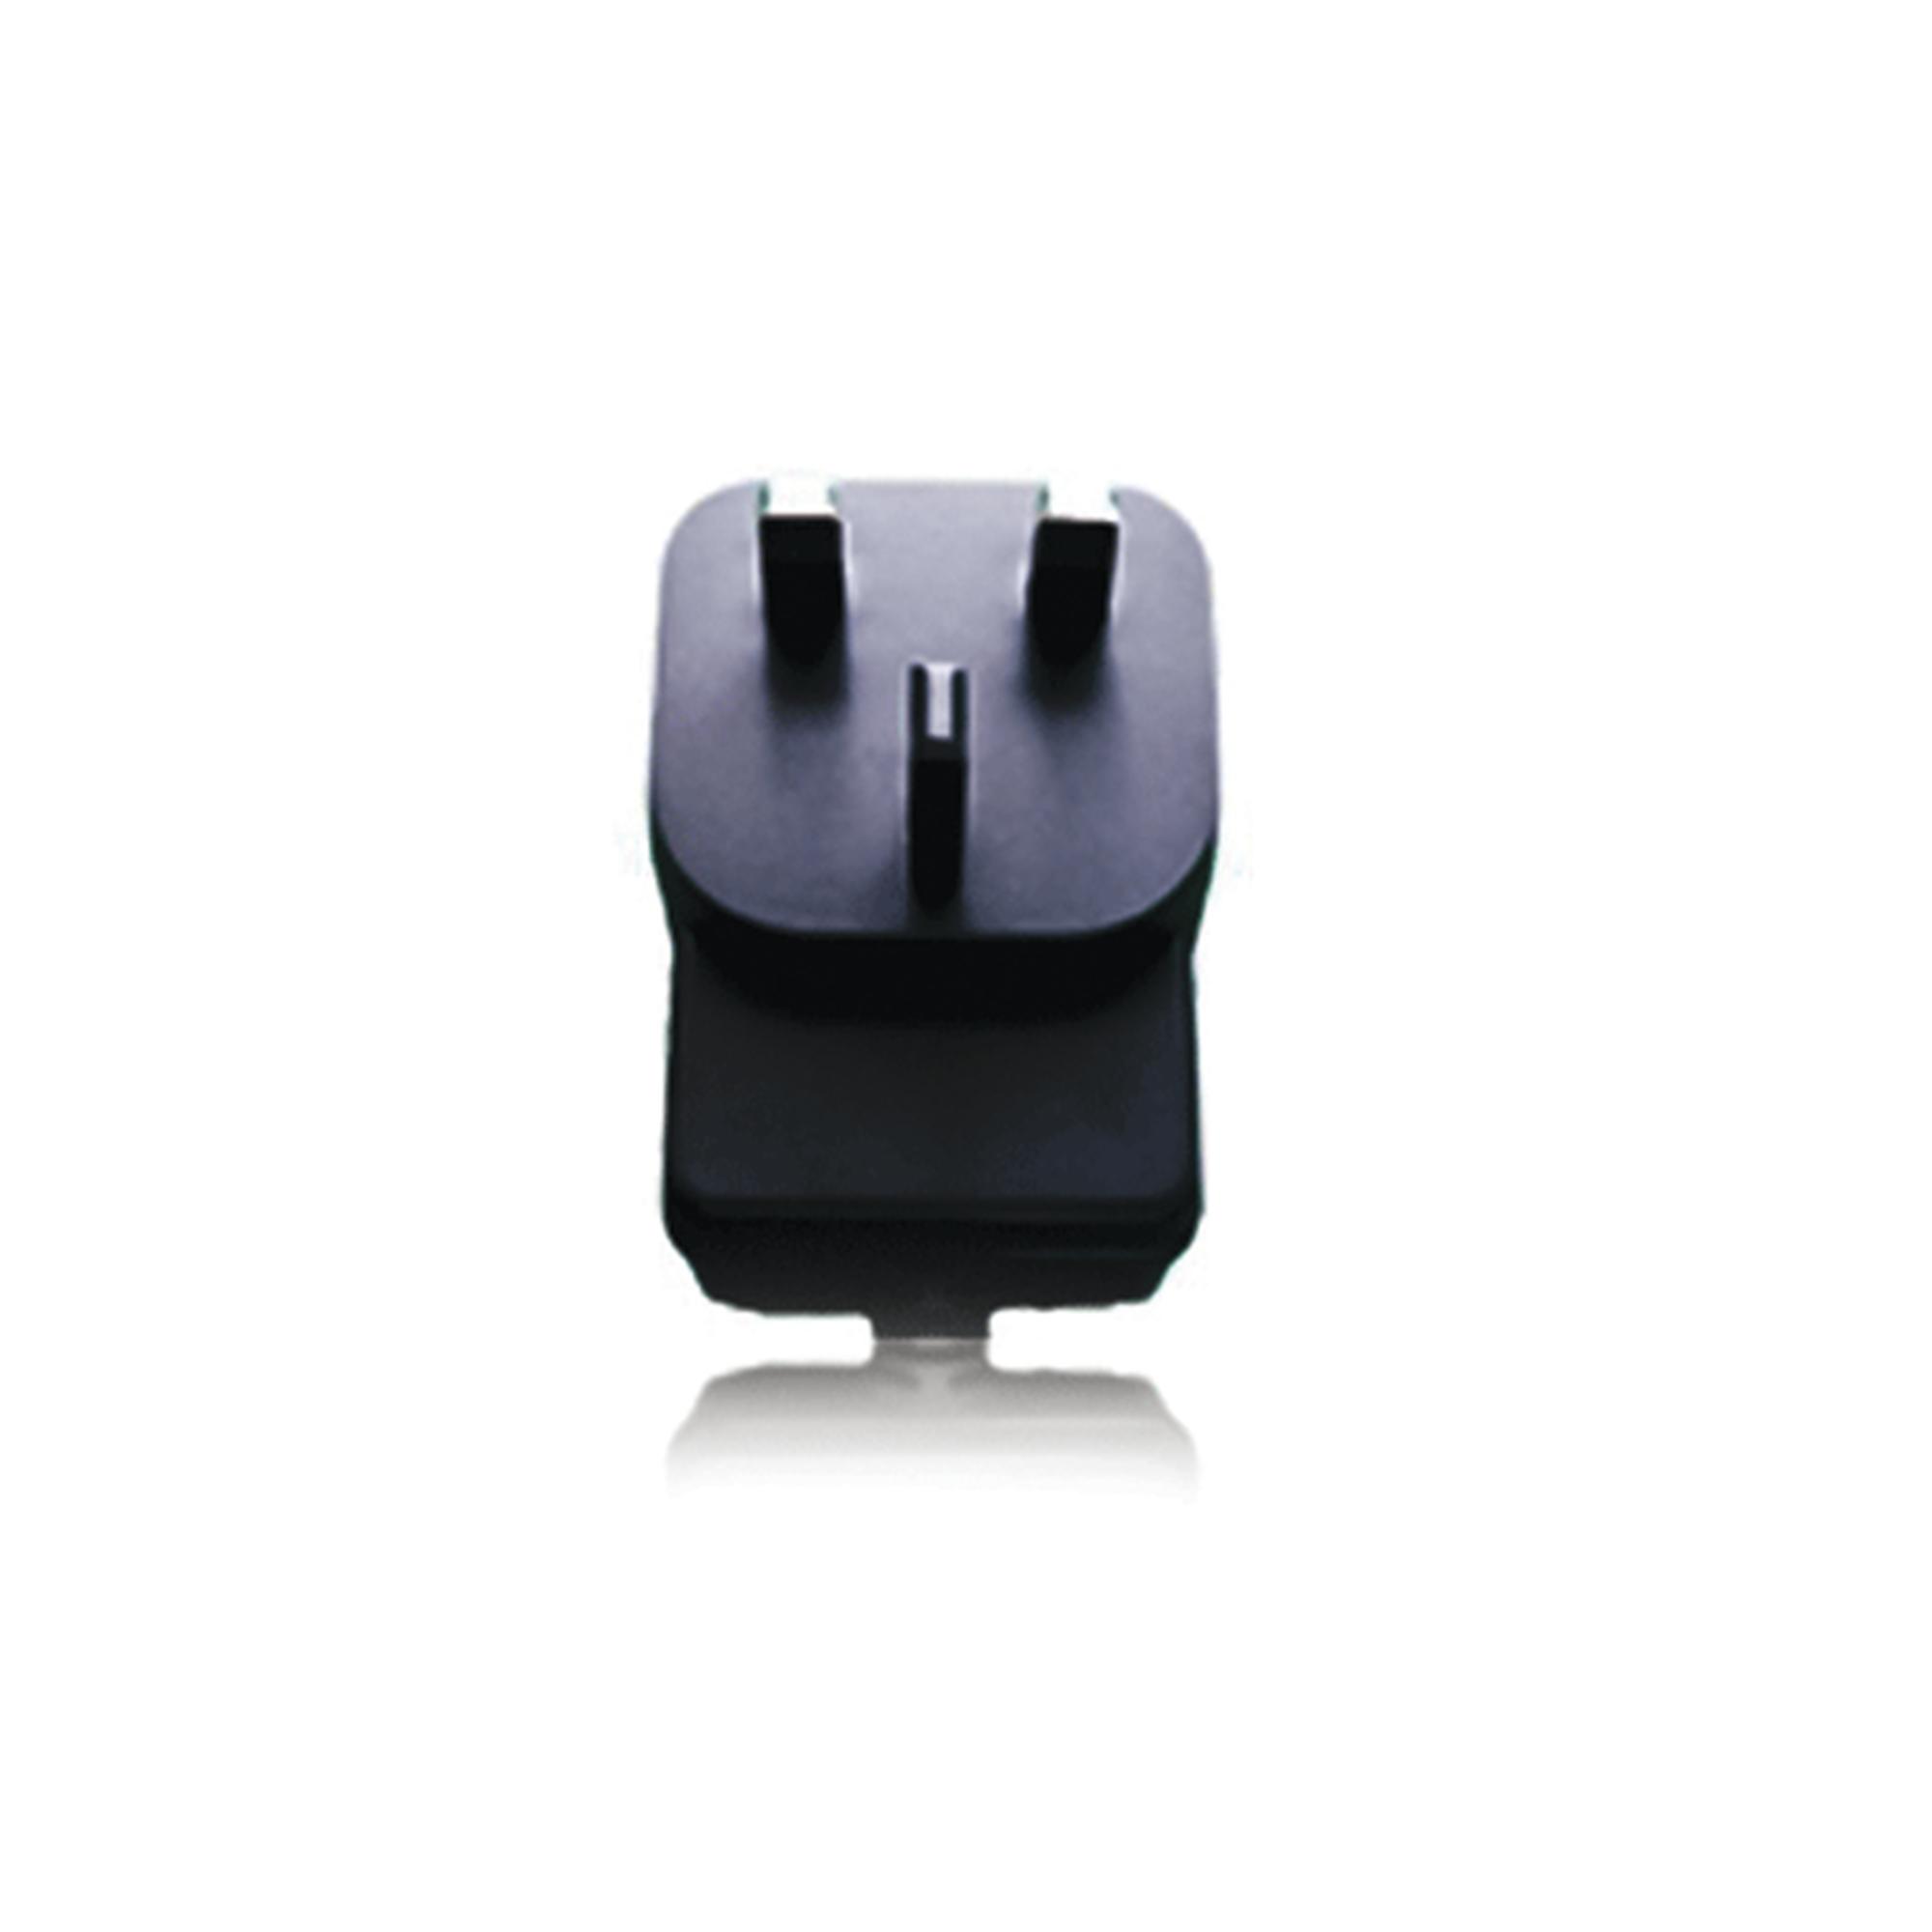 Adaptador de Pared de 12 VCD / 1 Amp / Terminal Plug 3.5 mm / Conector Europeo